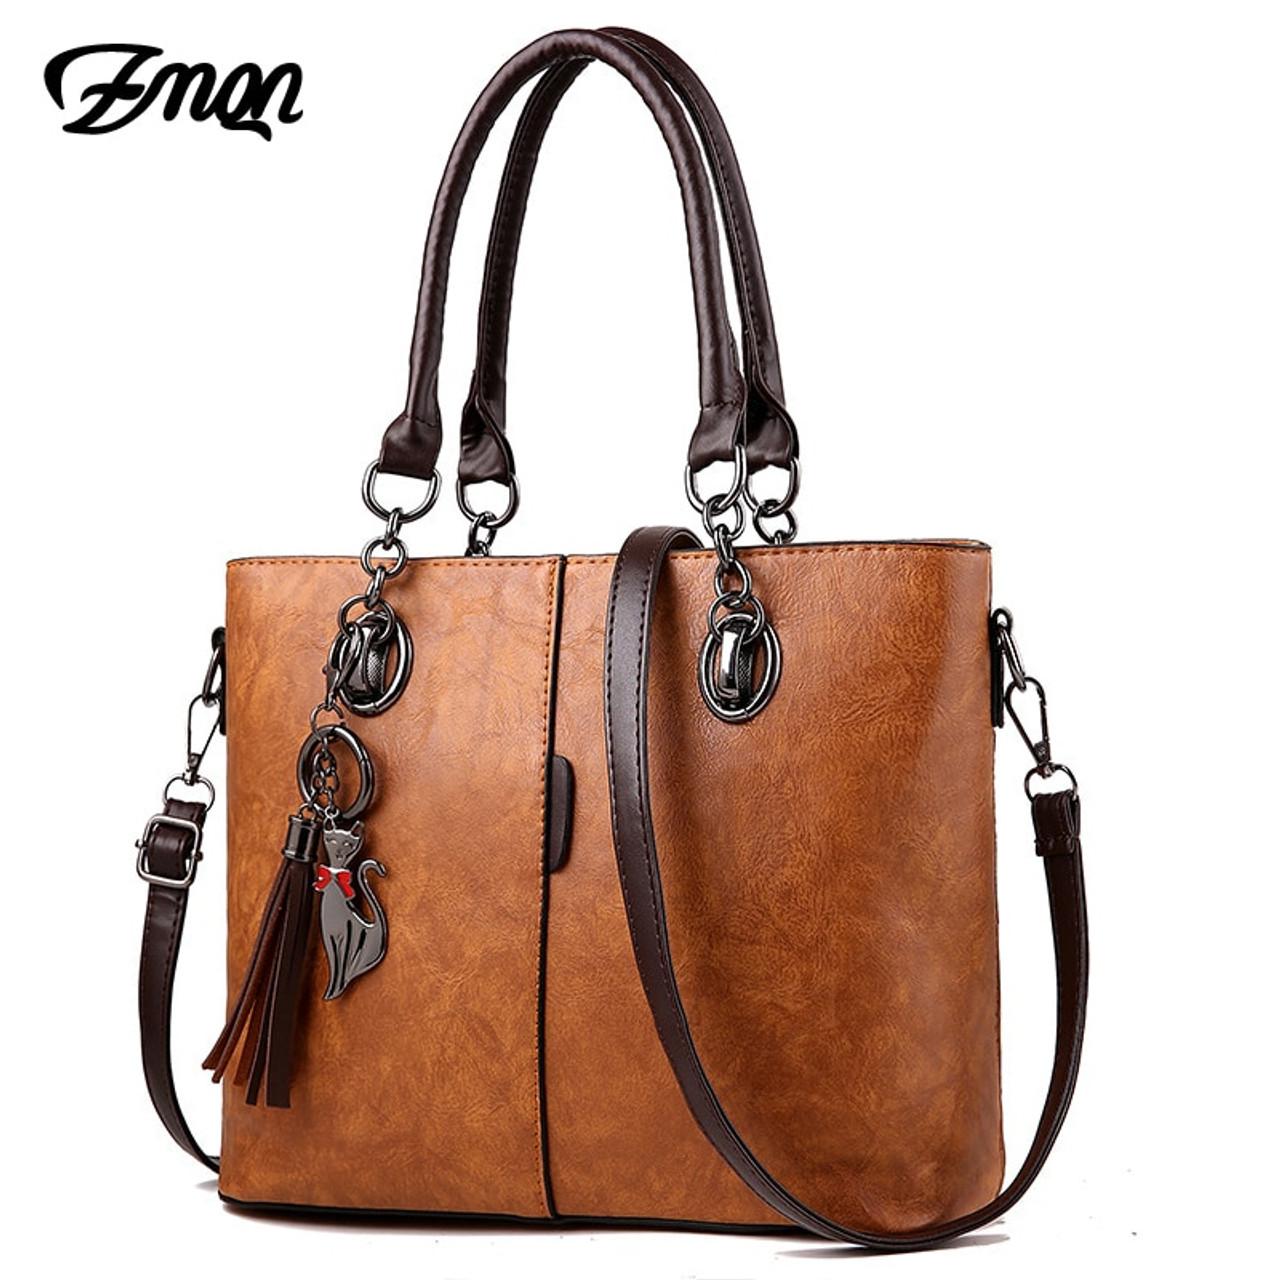 9f6f5c346fc ZMQN Luxury Handbags Women Bag Designer 2018 Big Ladies Hand Bag For Women  Solid Shoulder Bag Outlet Europe Leather Handbag C641